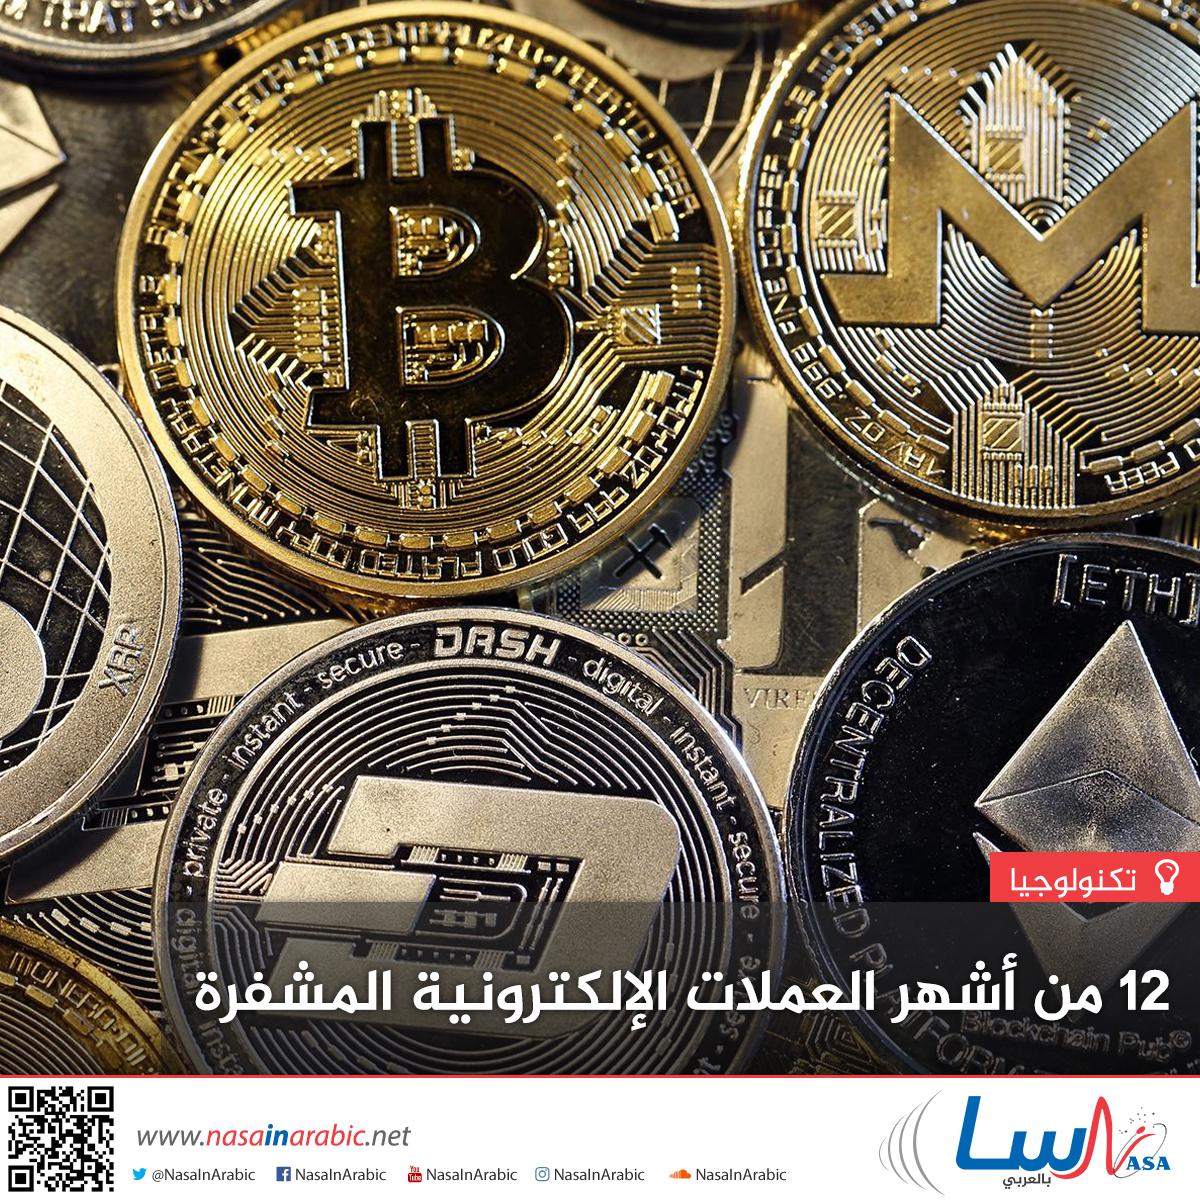 12 من أشهر العملات الإلكترونية المشفرة